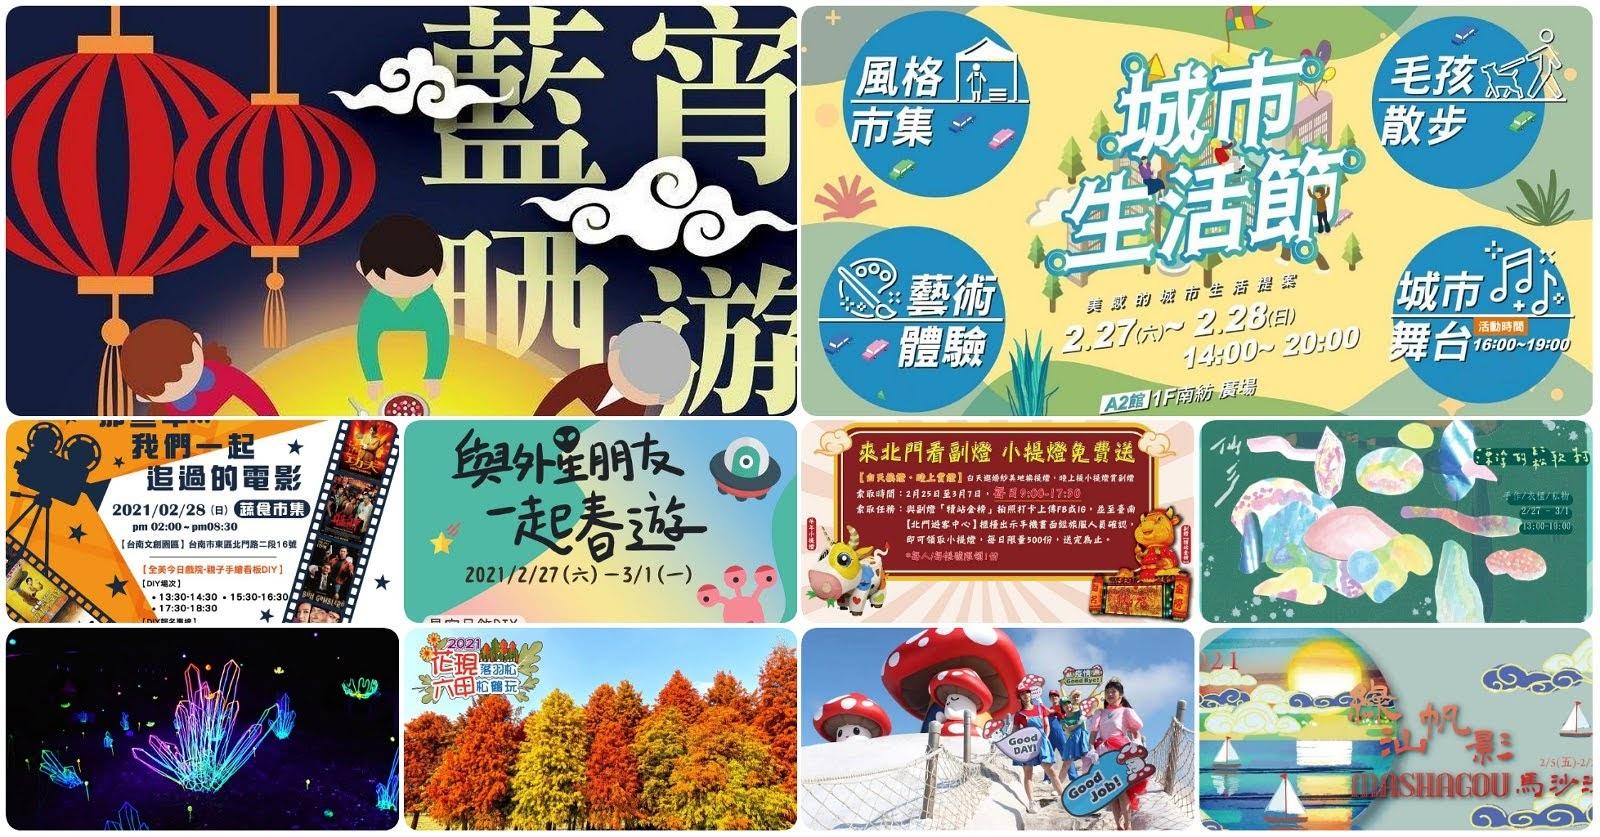 [活動] 2021/2/26-/3/1|台南週末活動整理|228連假特別版|資訊數:98